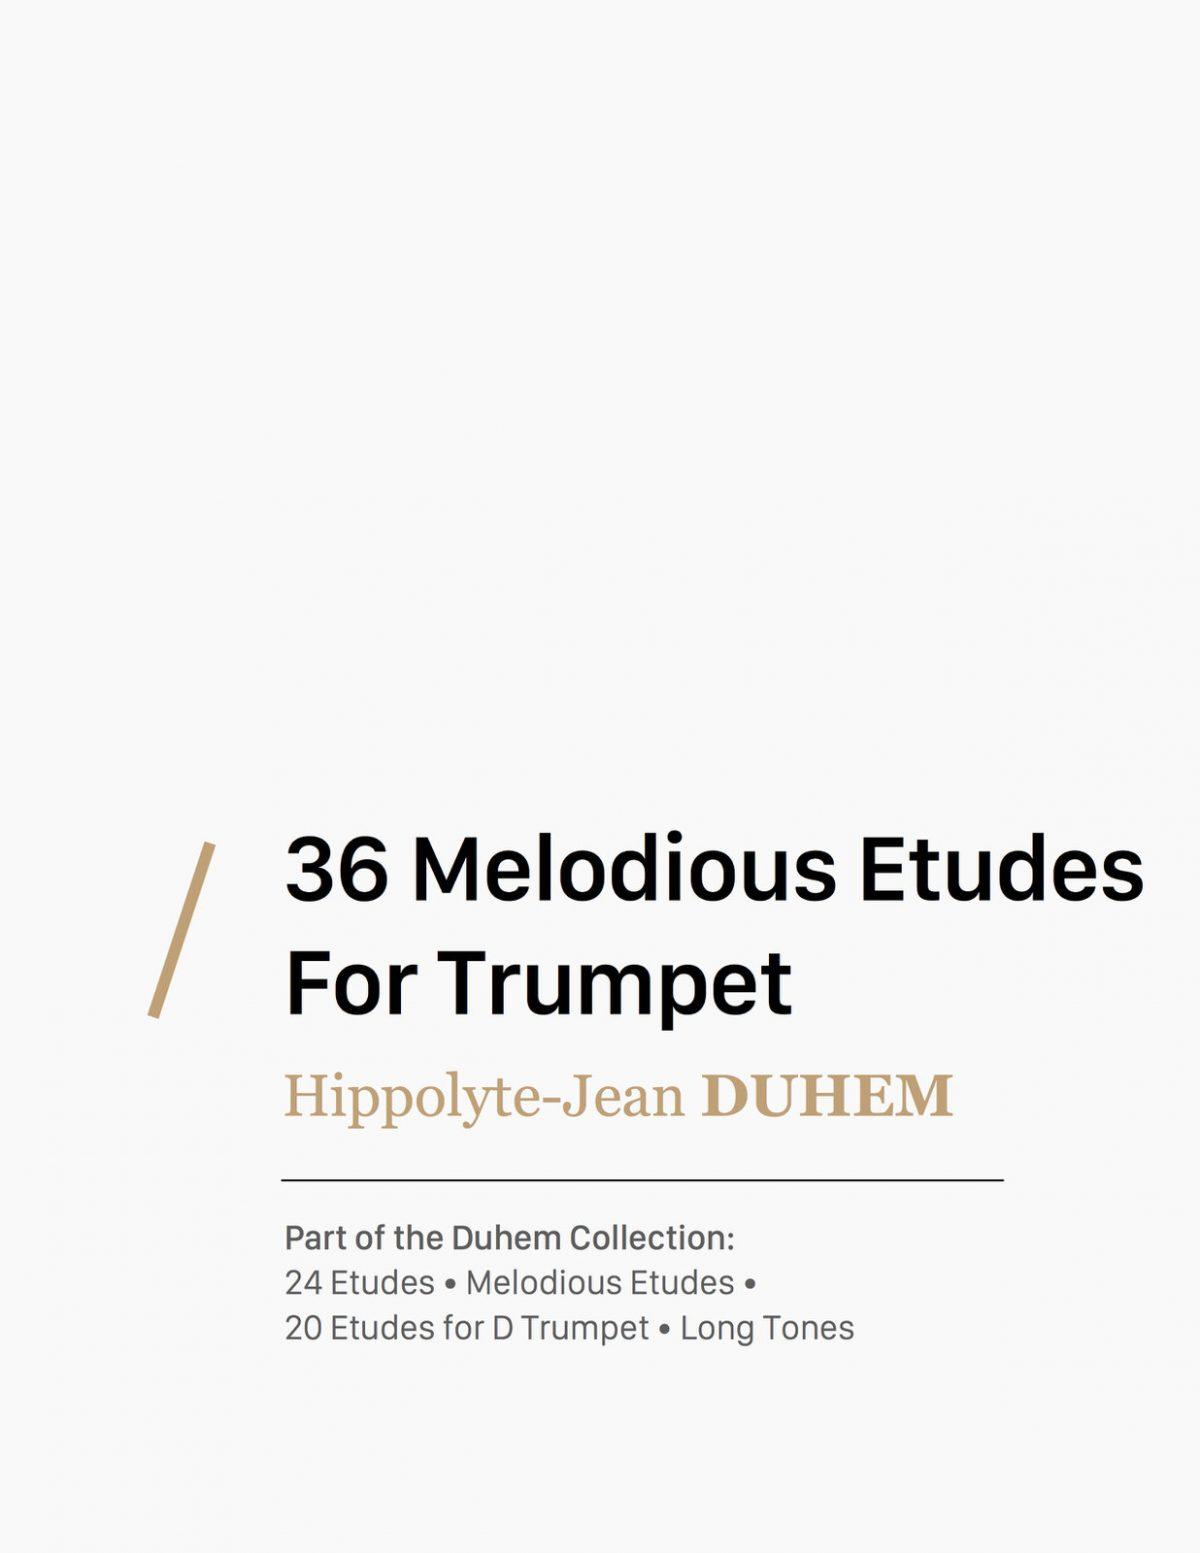 duhem-36-melodious-etudes